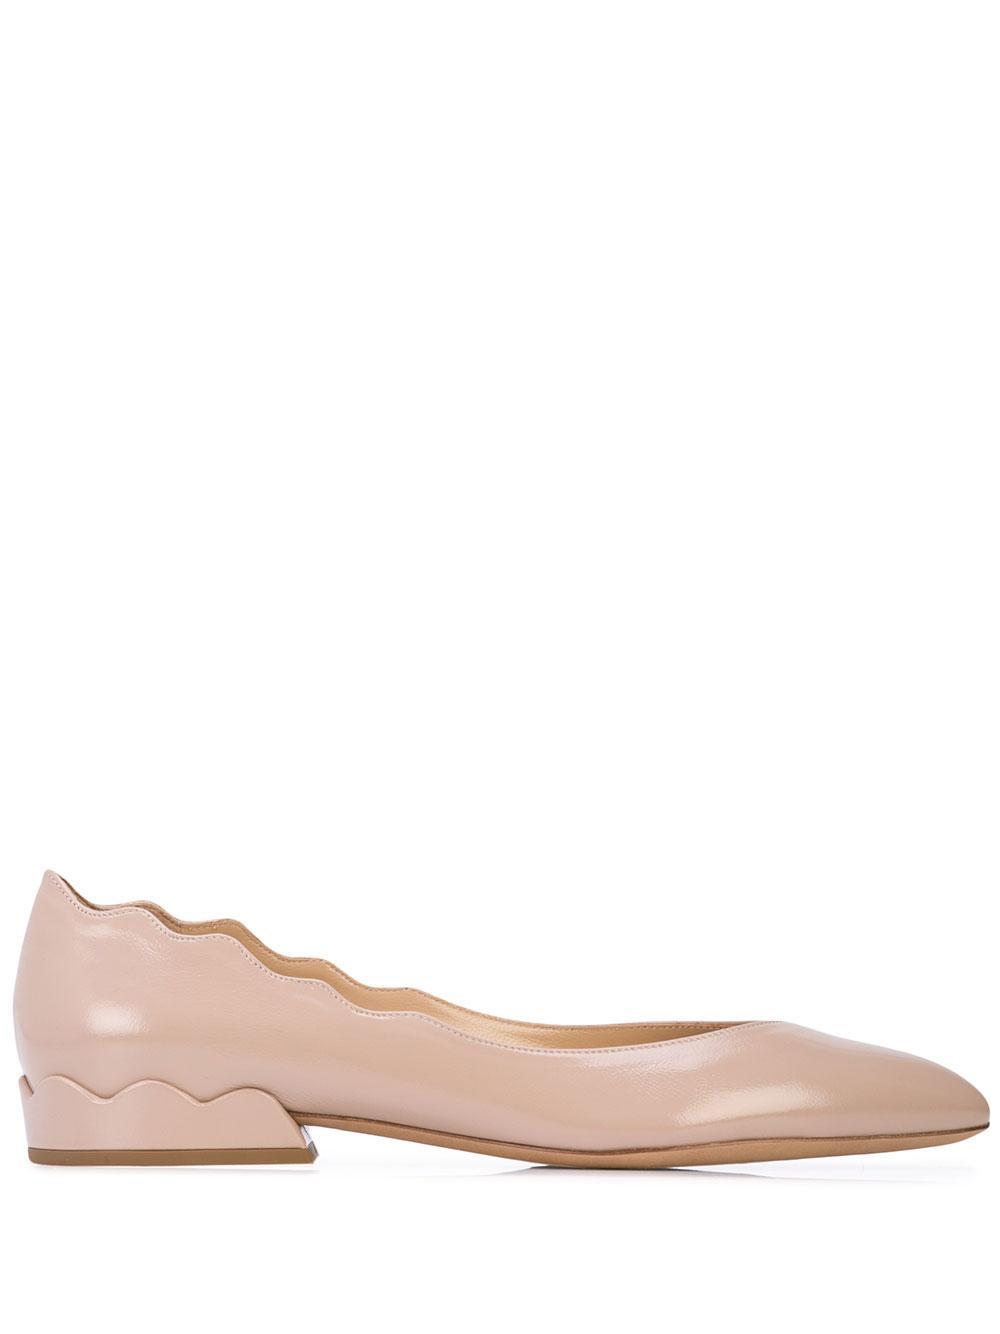 Laurena Semi Shiny Scalloped Flat Item # CHC19A2089126C